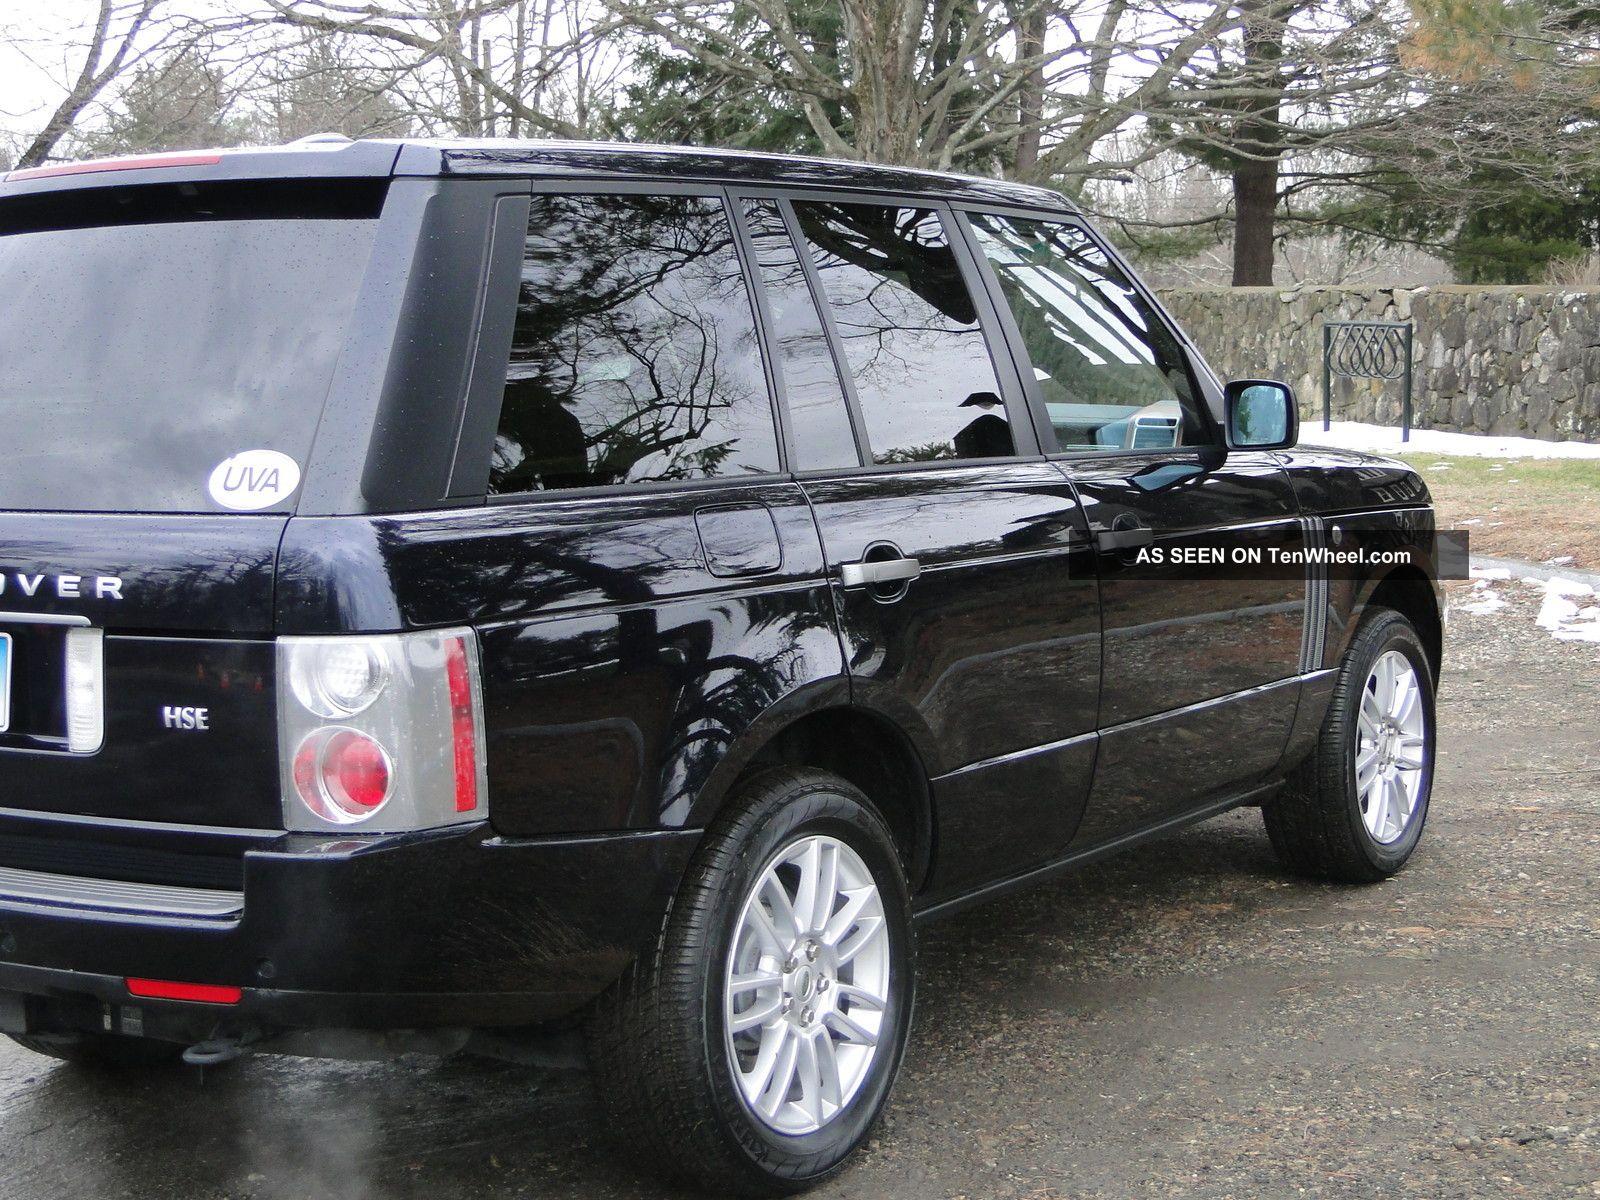 2009 range rover hse. Black Bedroom Furniture Sets. Home Design Ideas